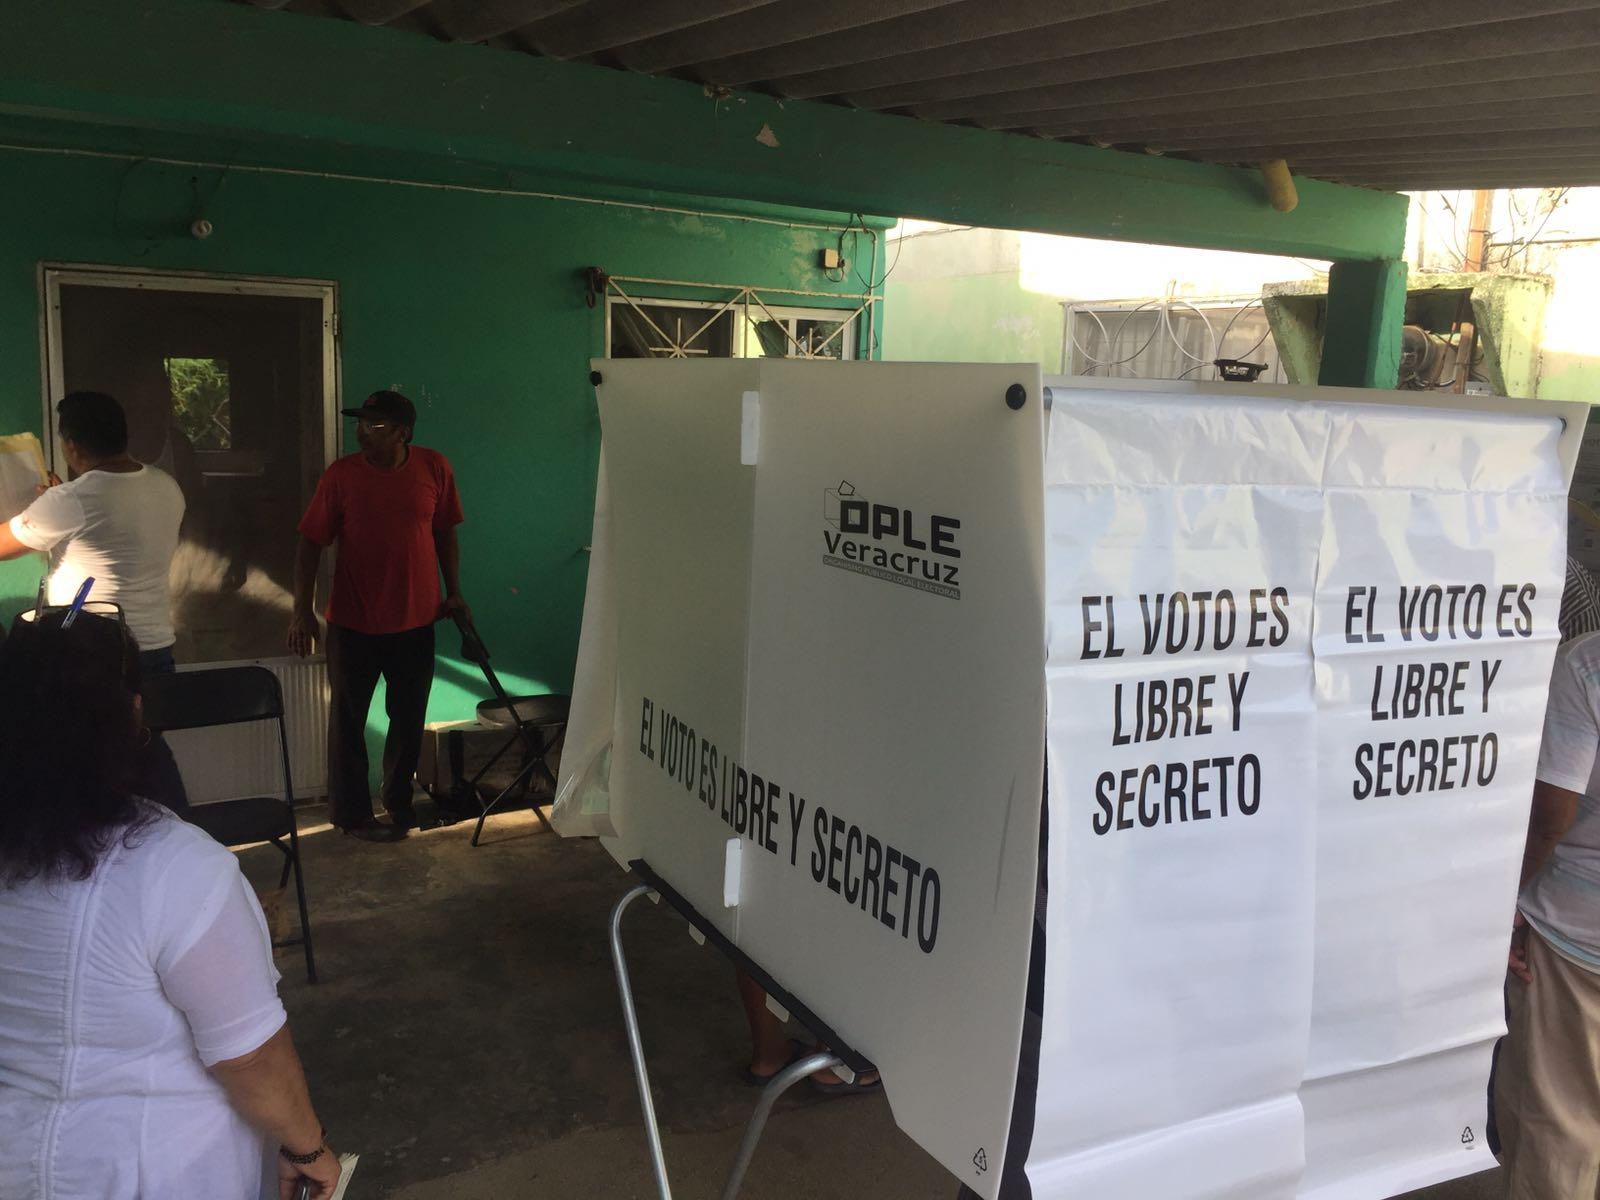 Gobierno de Veracruz no participará en el proceso electoral ni financiará campañas electorales